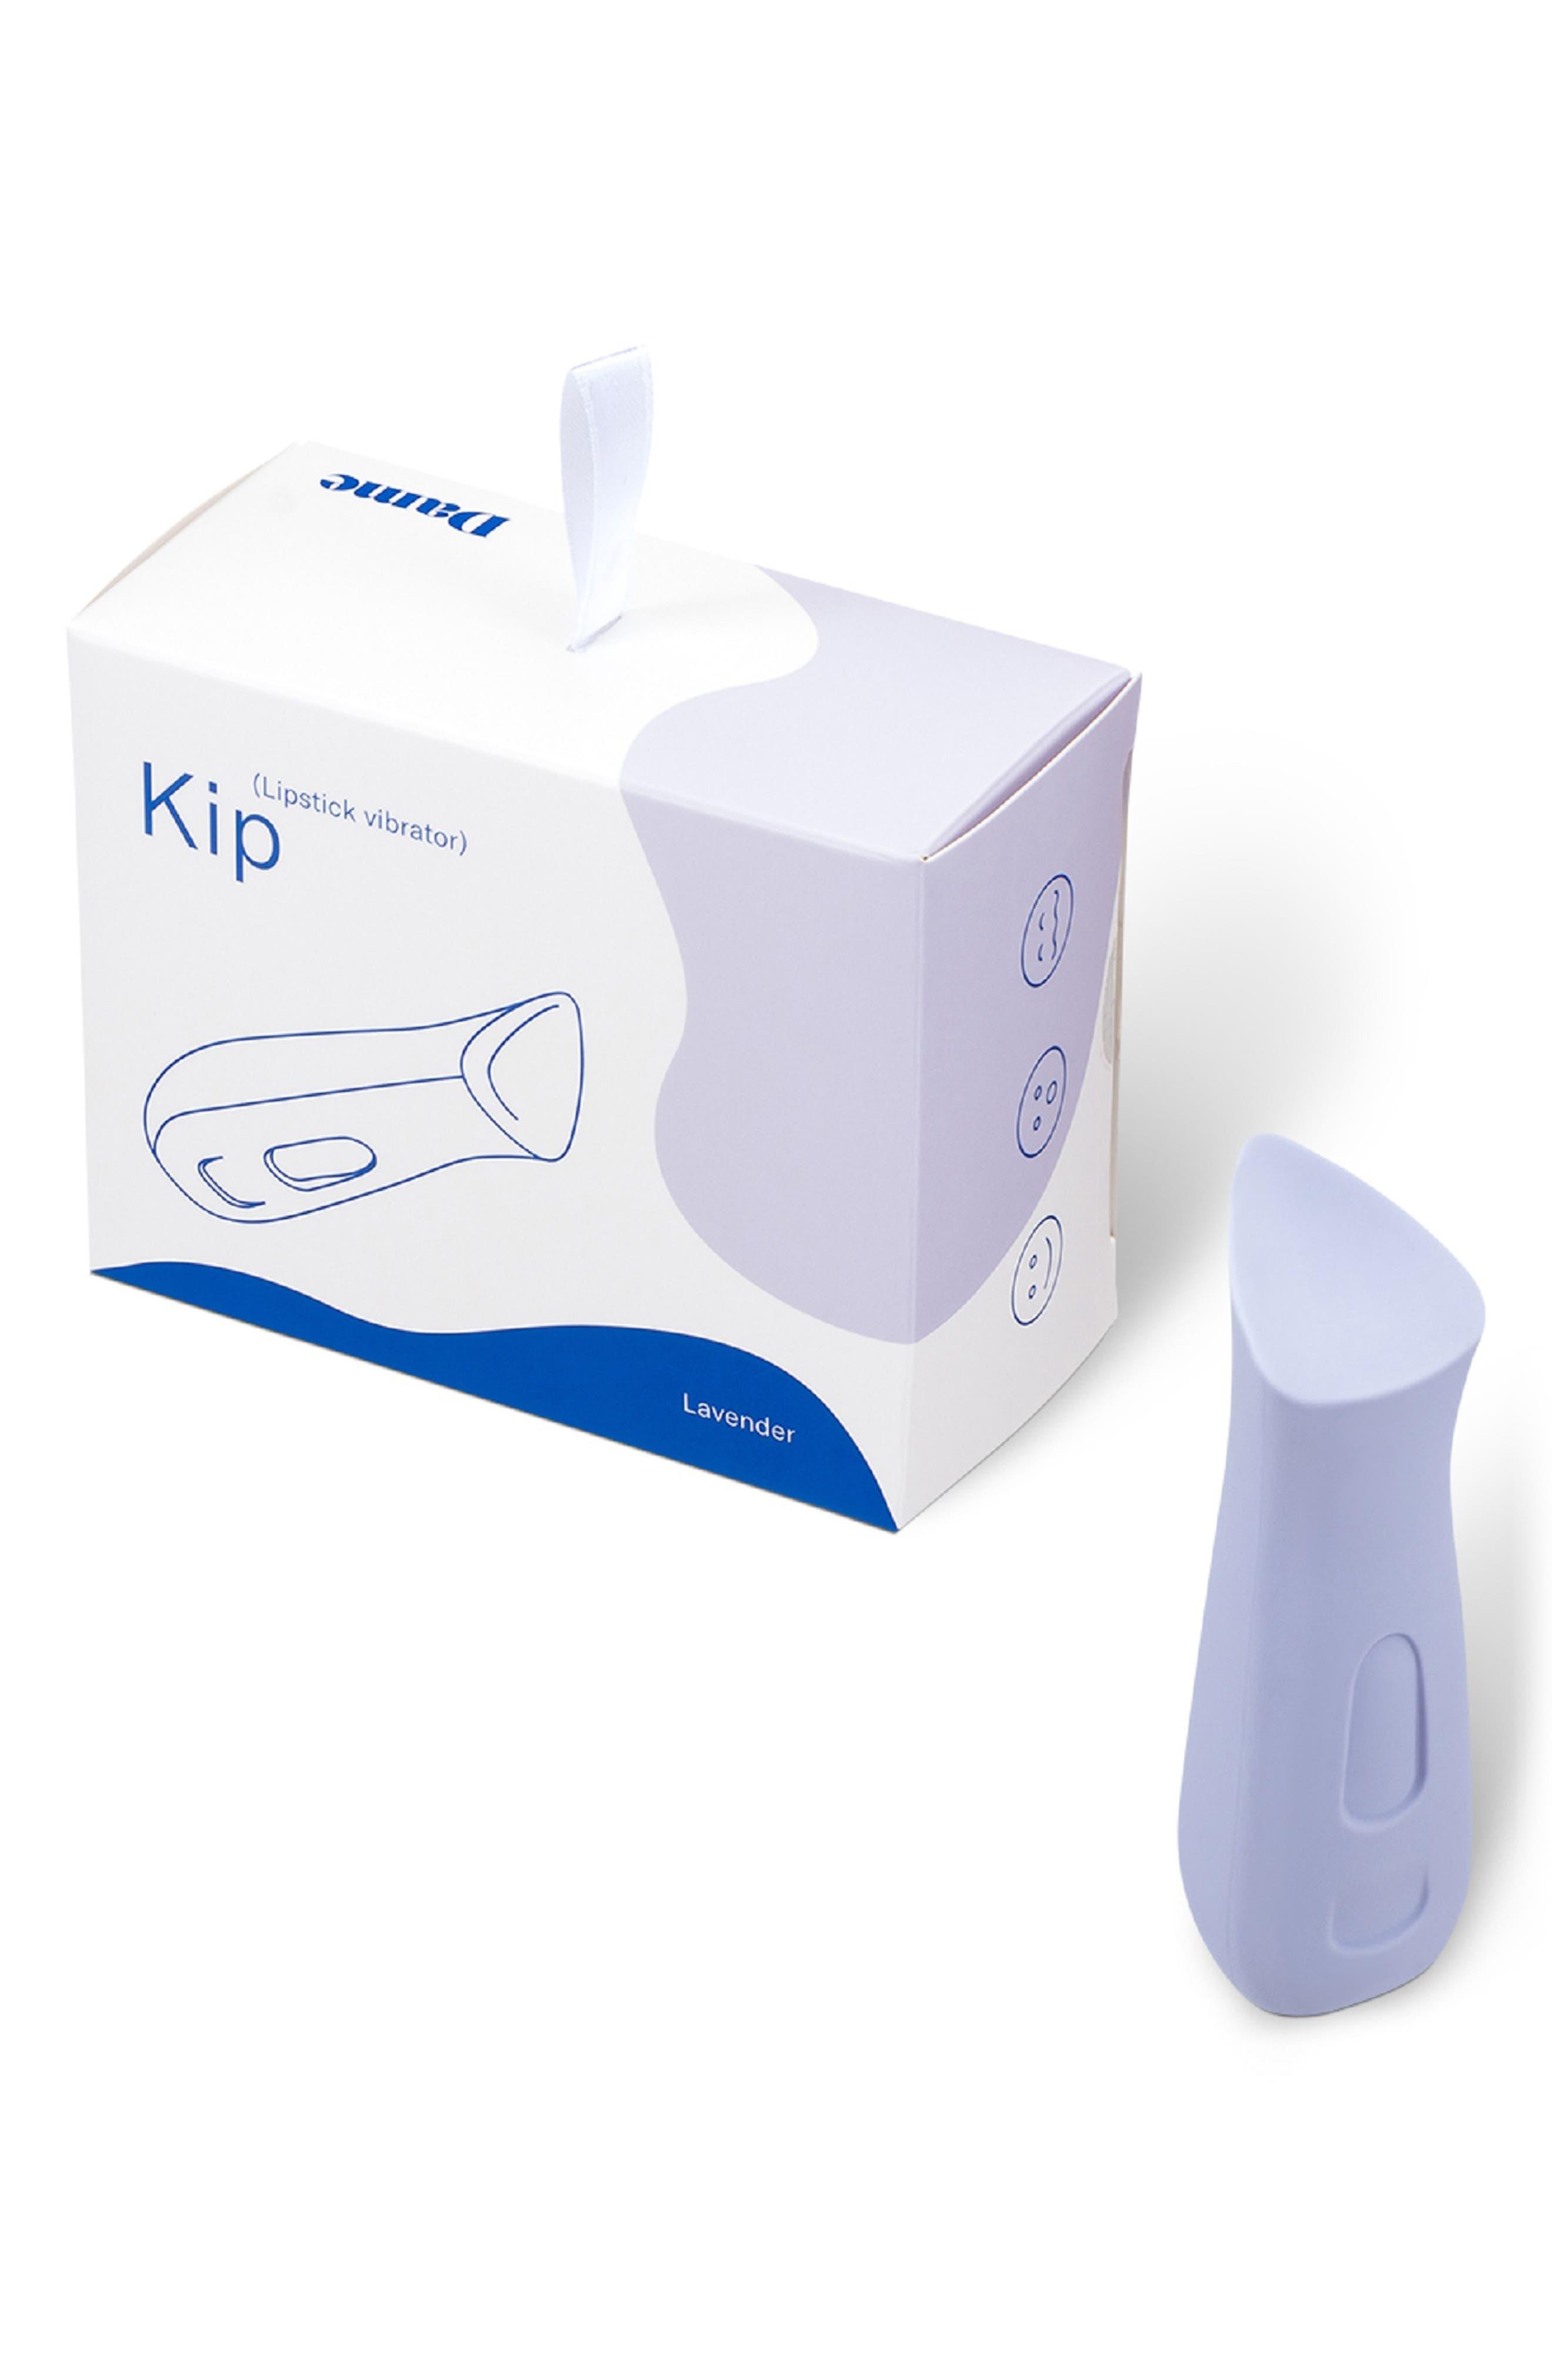 Dame Kip Vibrator